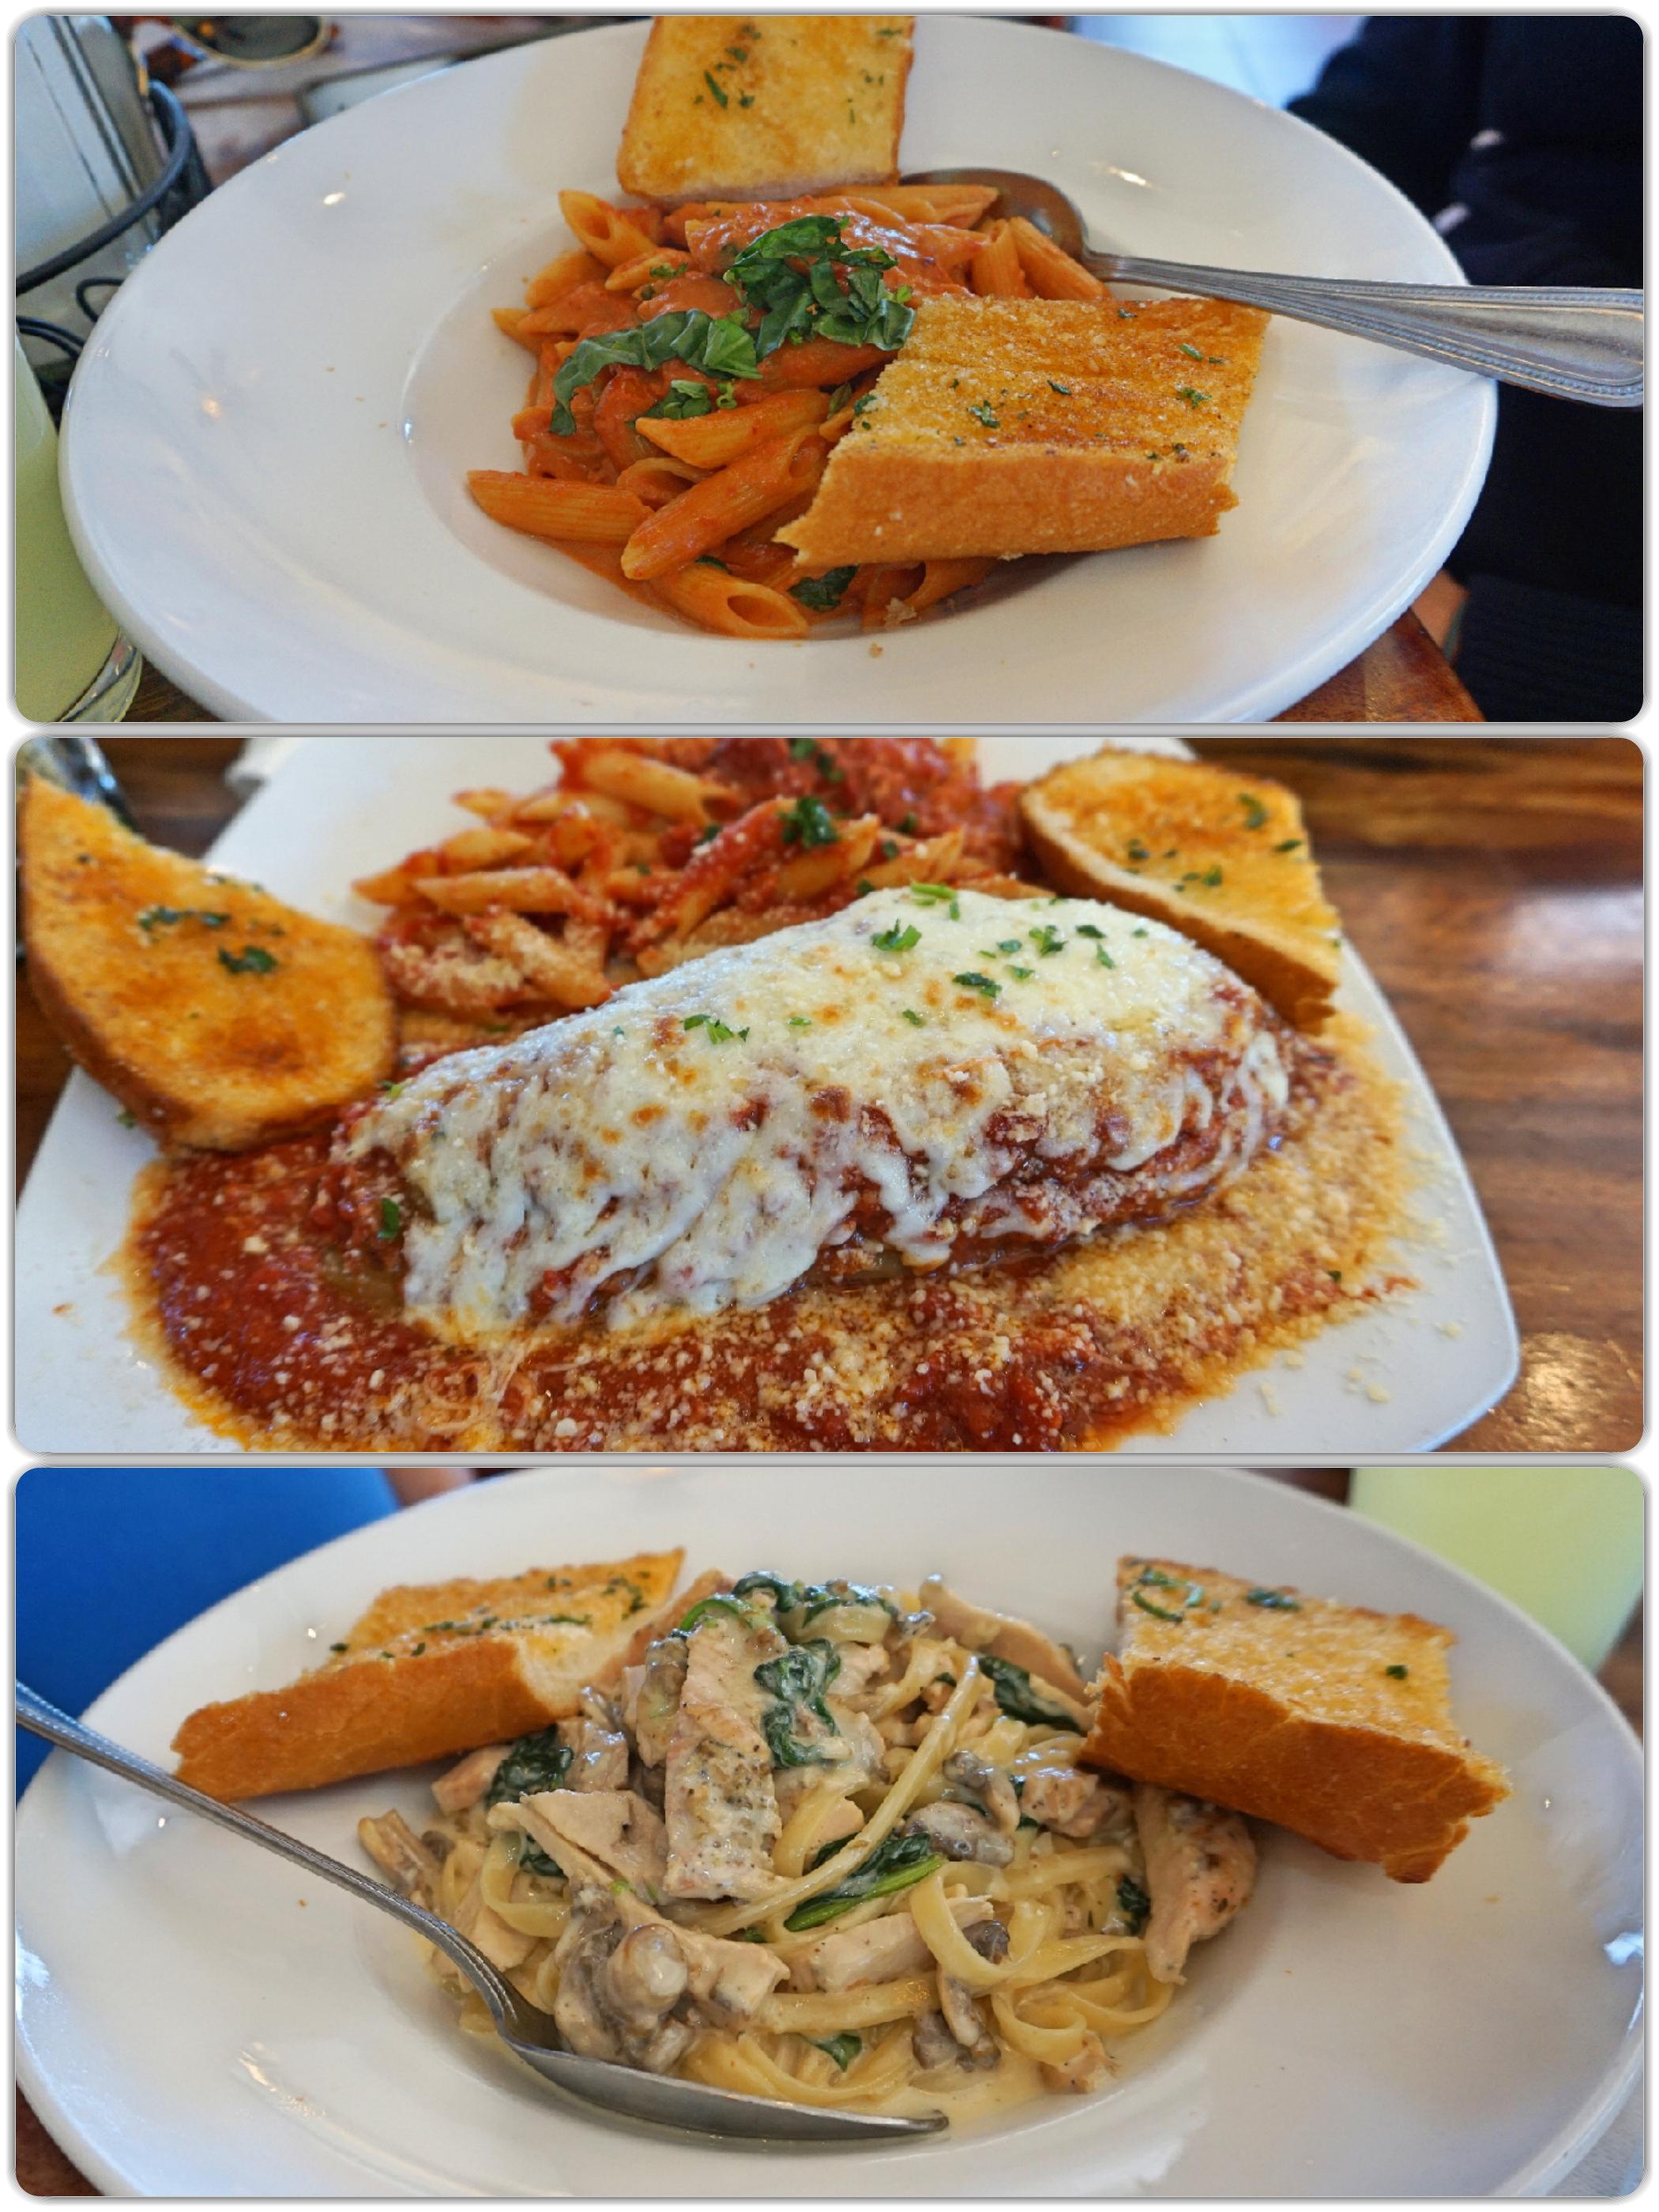 Taste of Rome, Sausalito